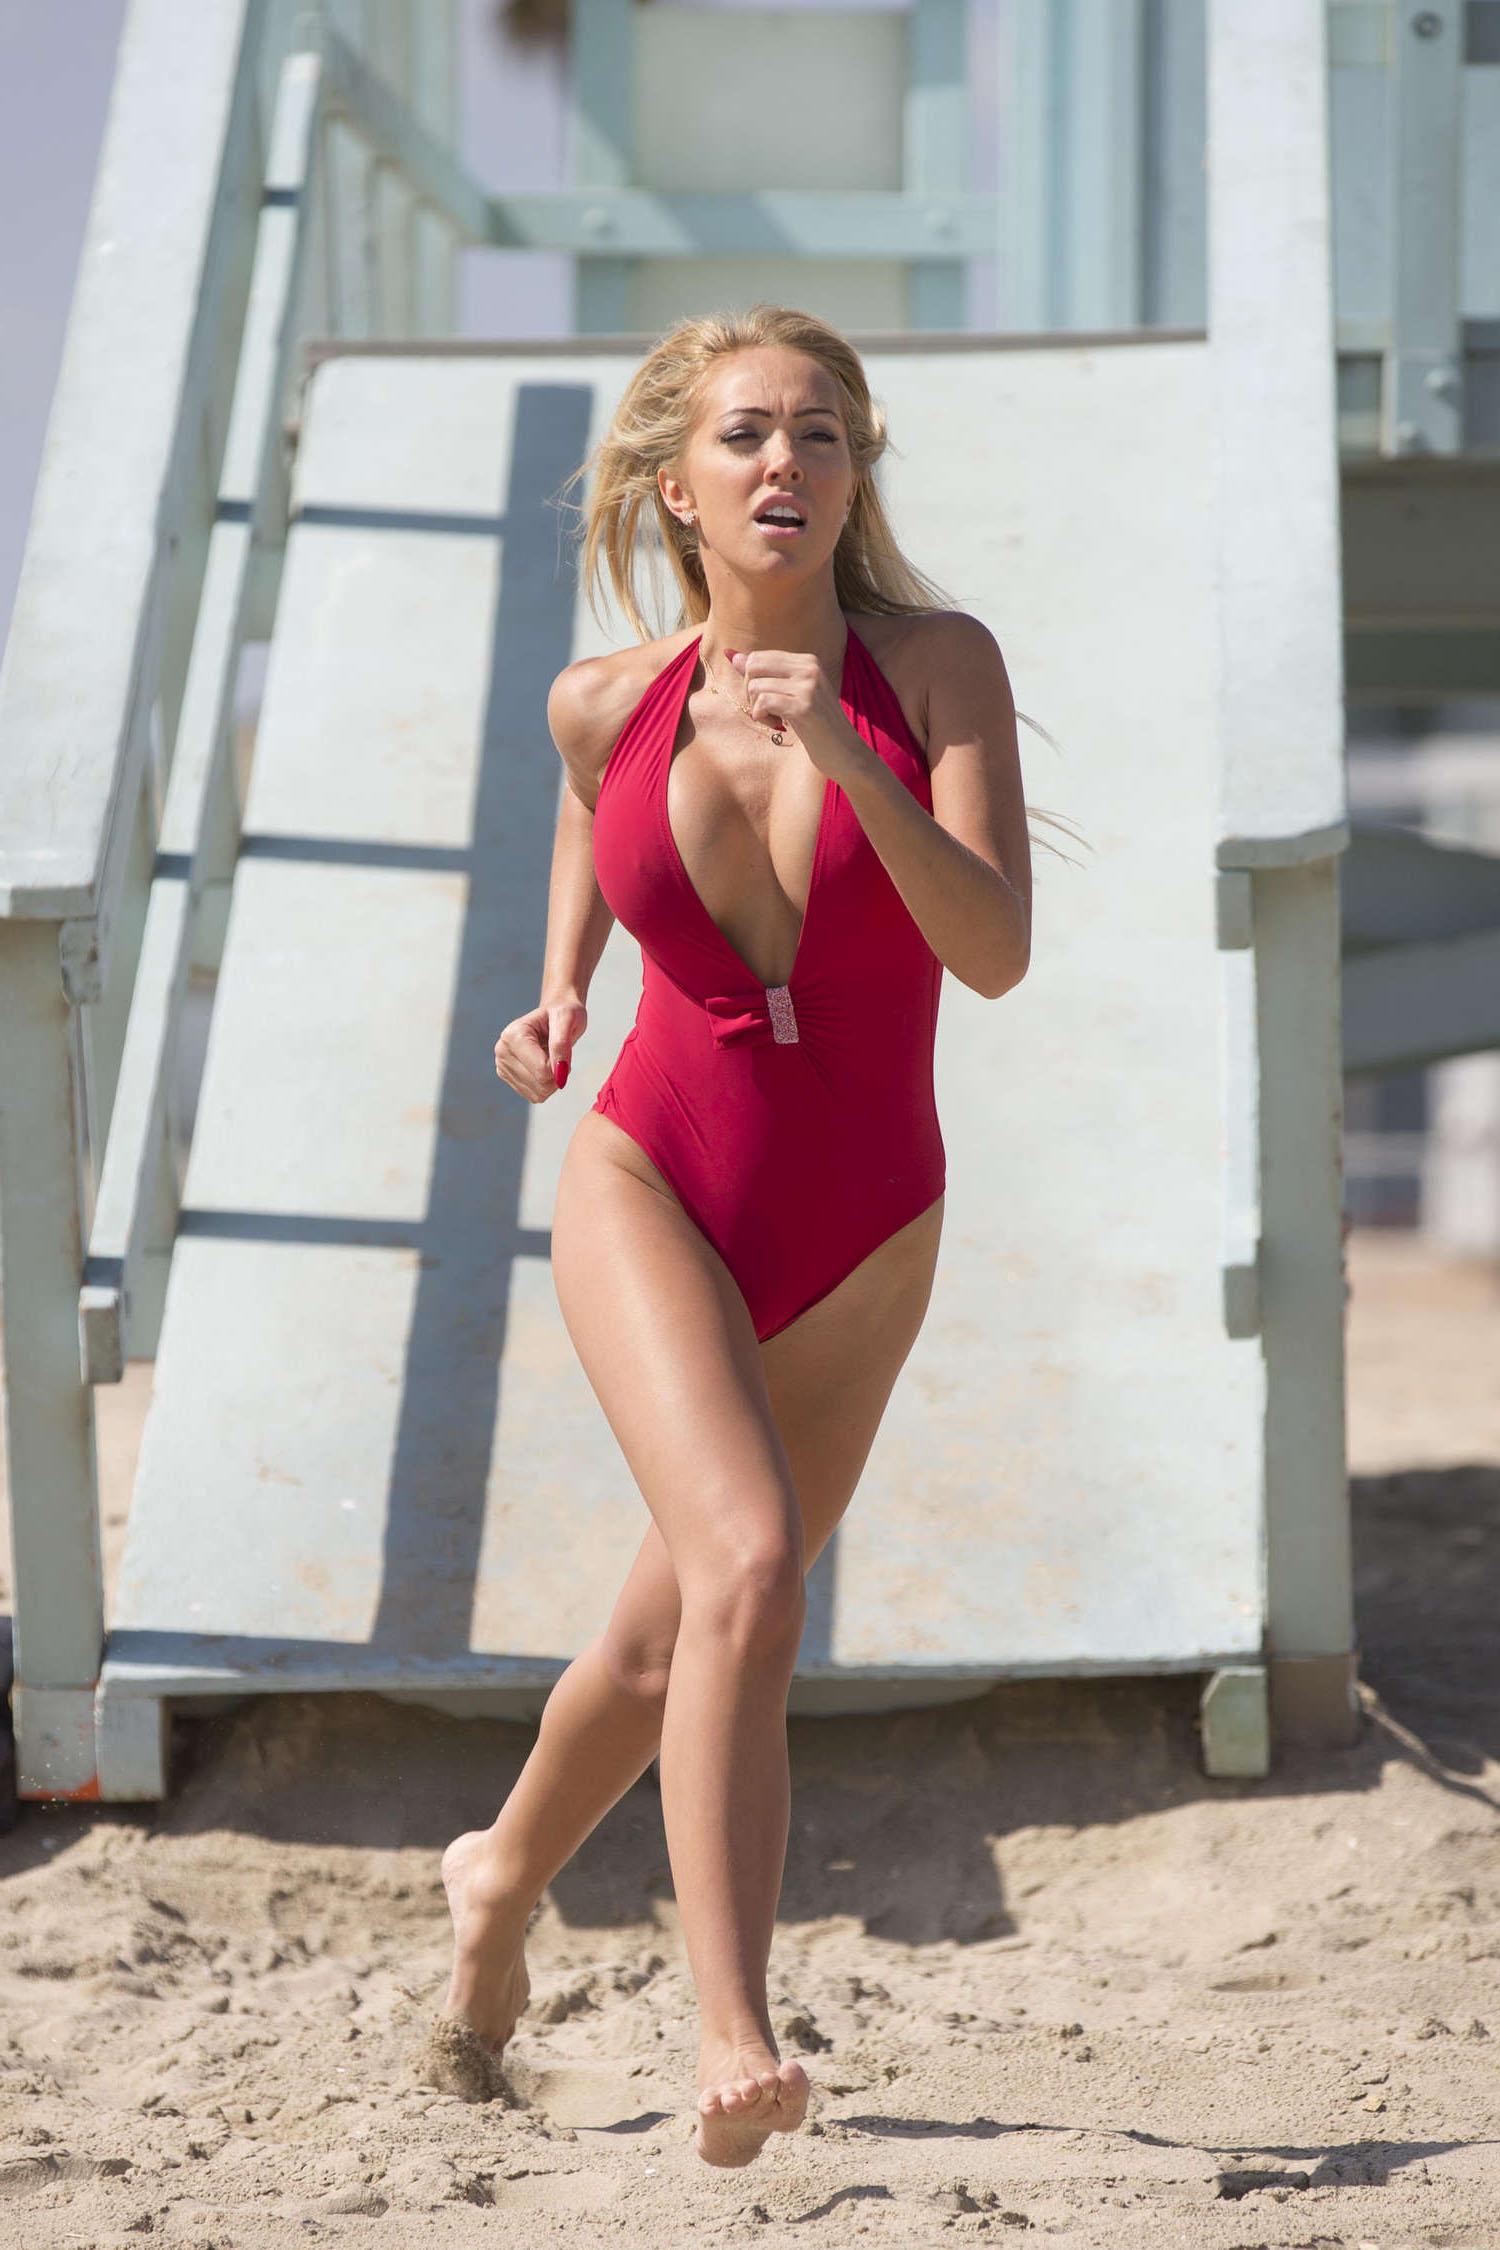 Эйслейн Хорган-Уоллас в купальнике на пляже в Лос-Анджелесе